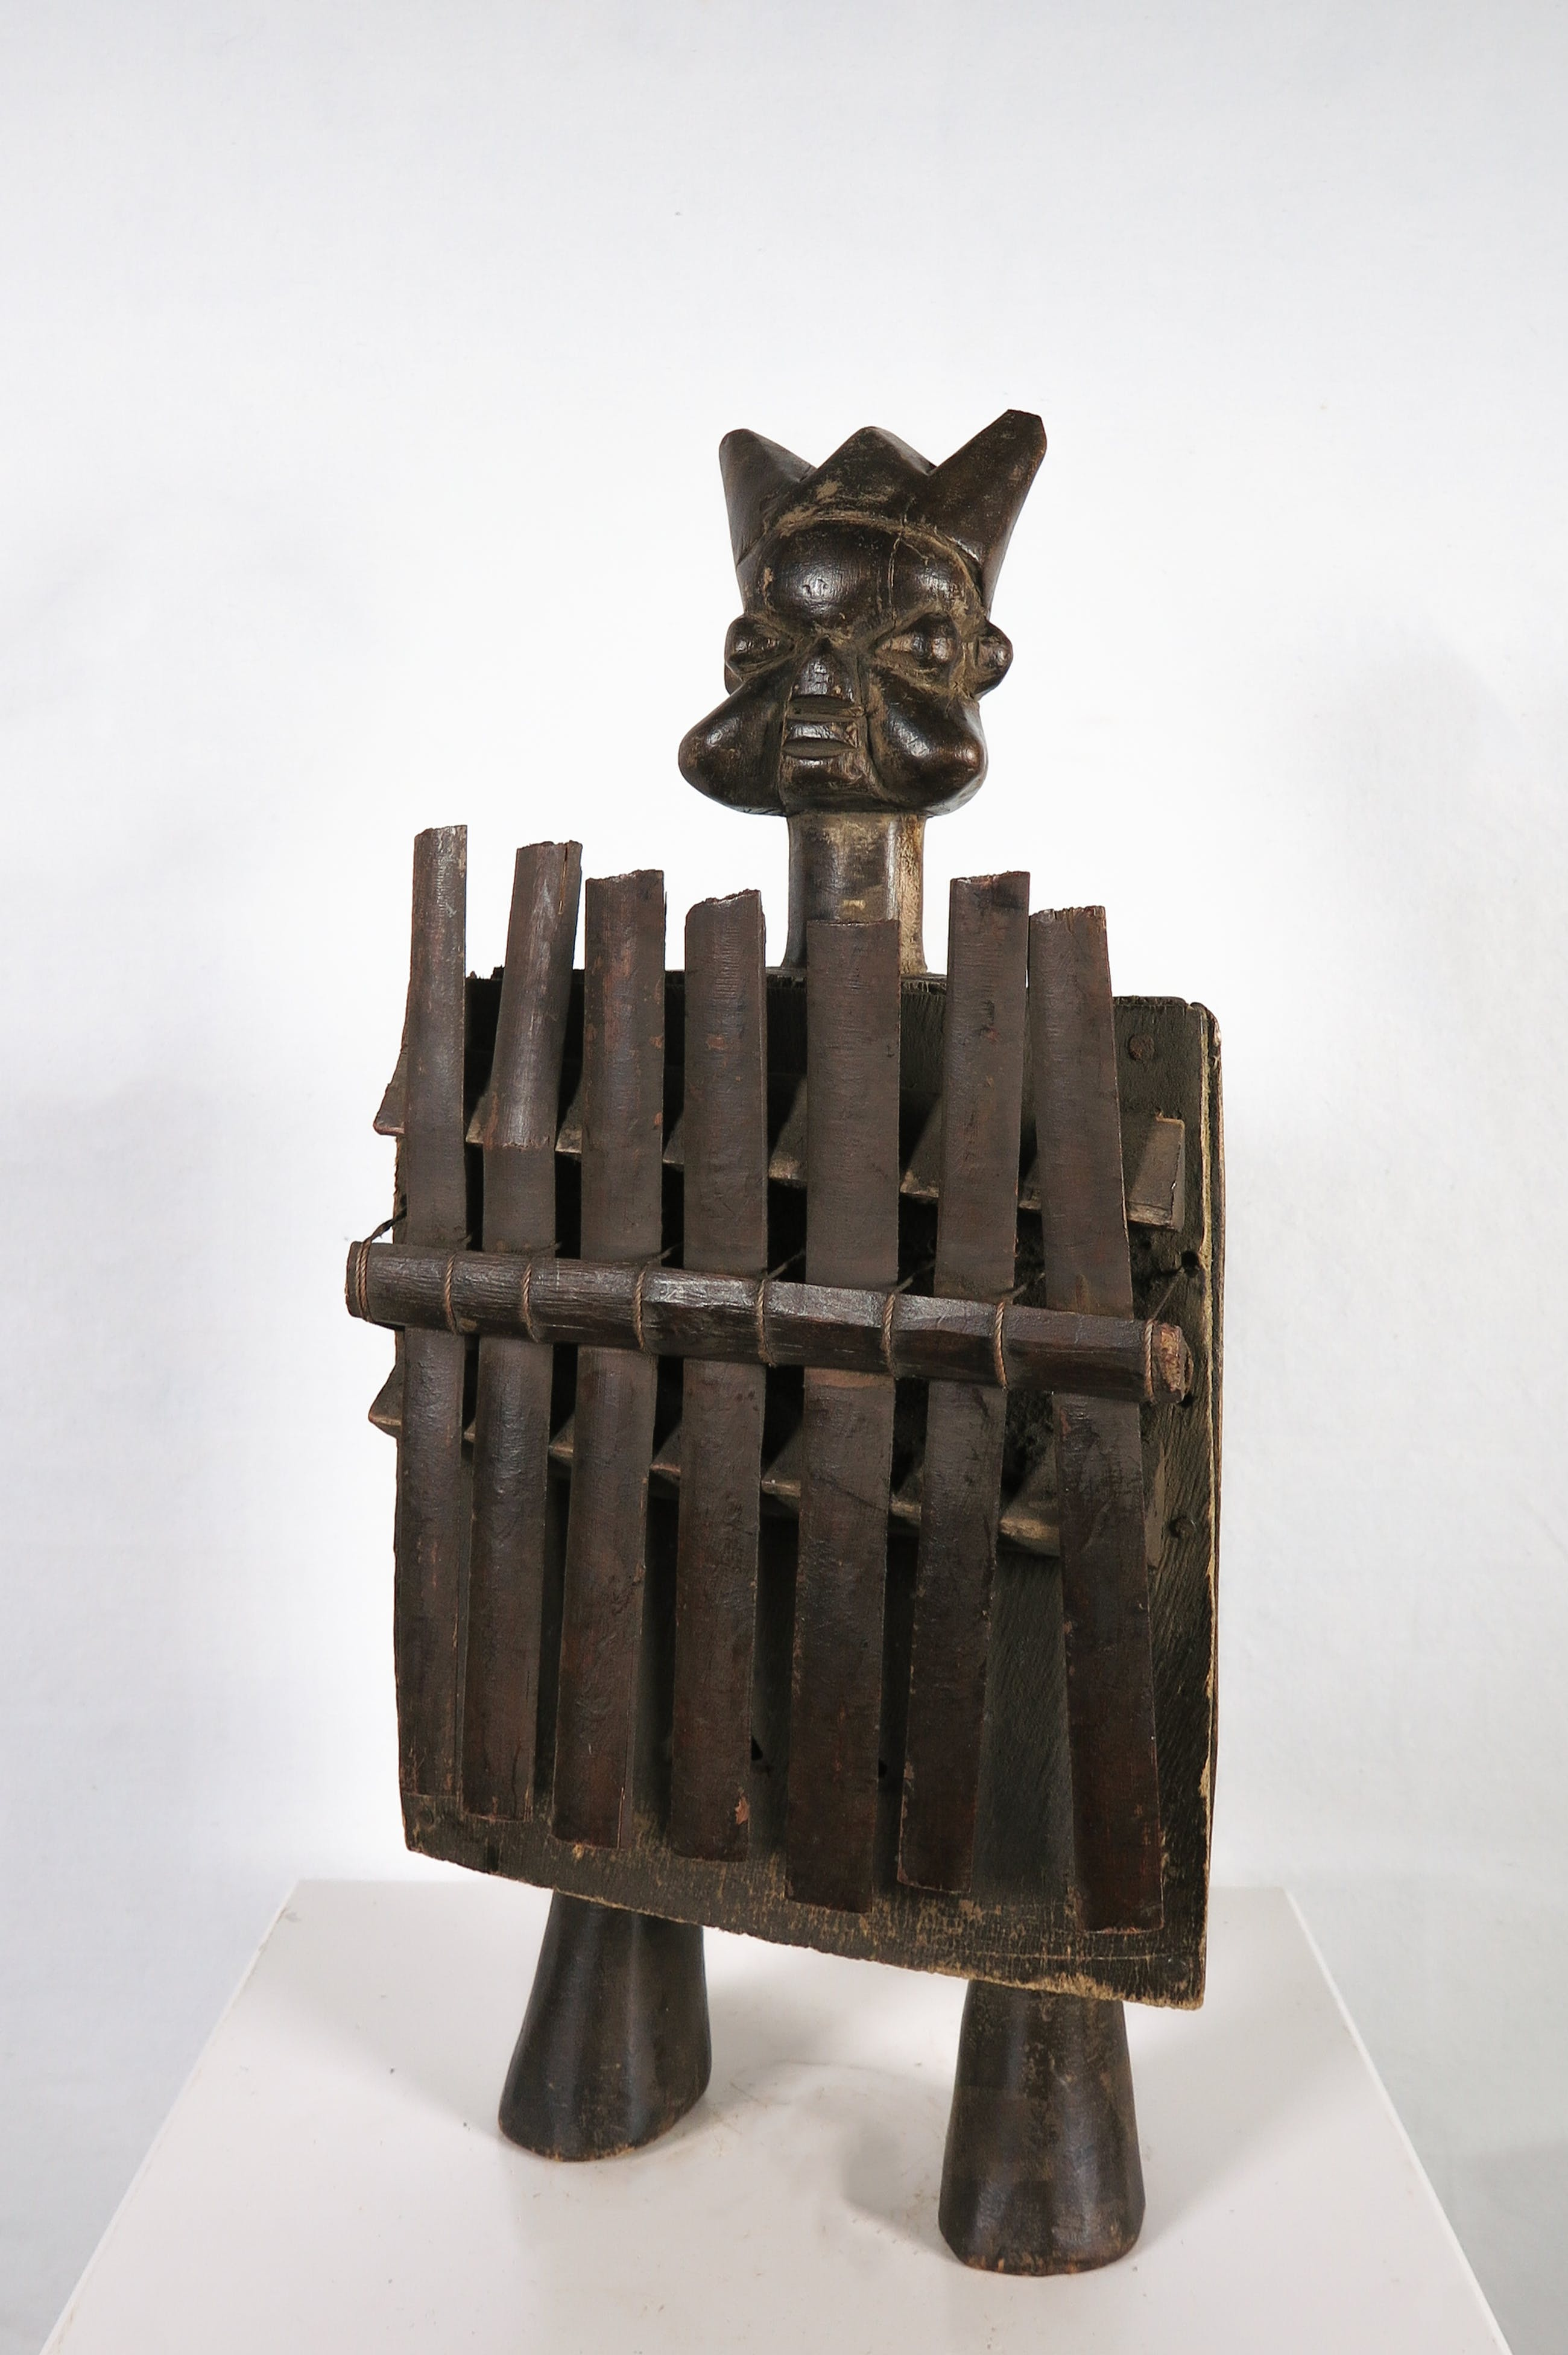 Luba - Sanza muziekinstrument met halfronde klankkast en bamboe tongen kopen? Bied vanaf 1!